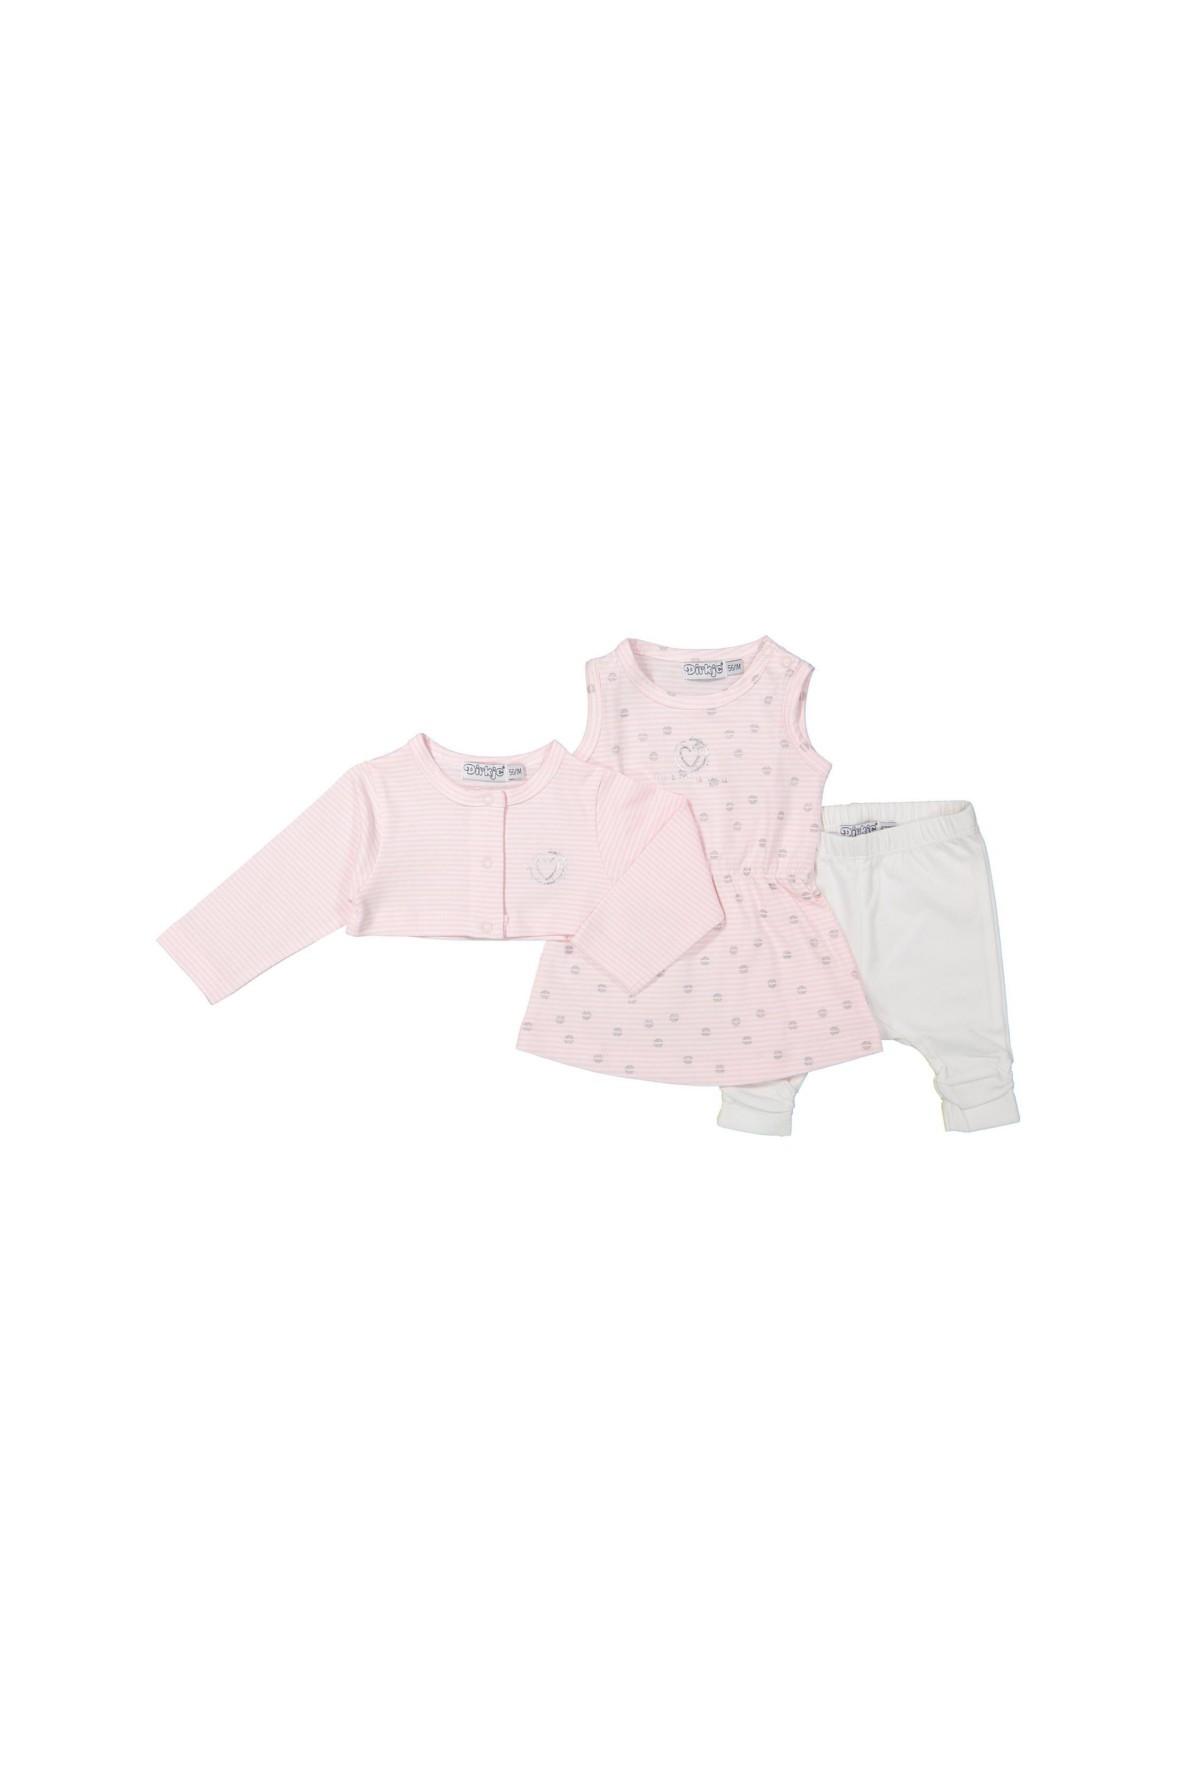 Komplet niemowlęcy bolerko, tunika i spodnie